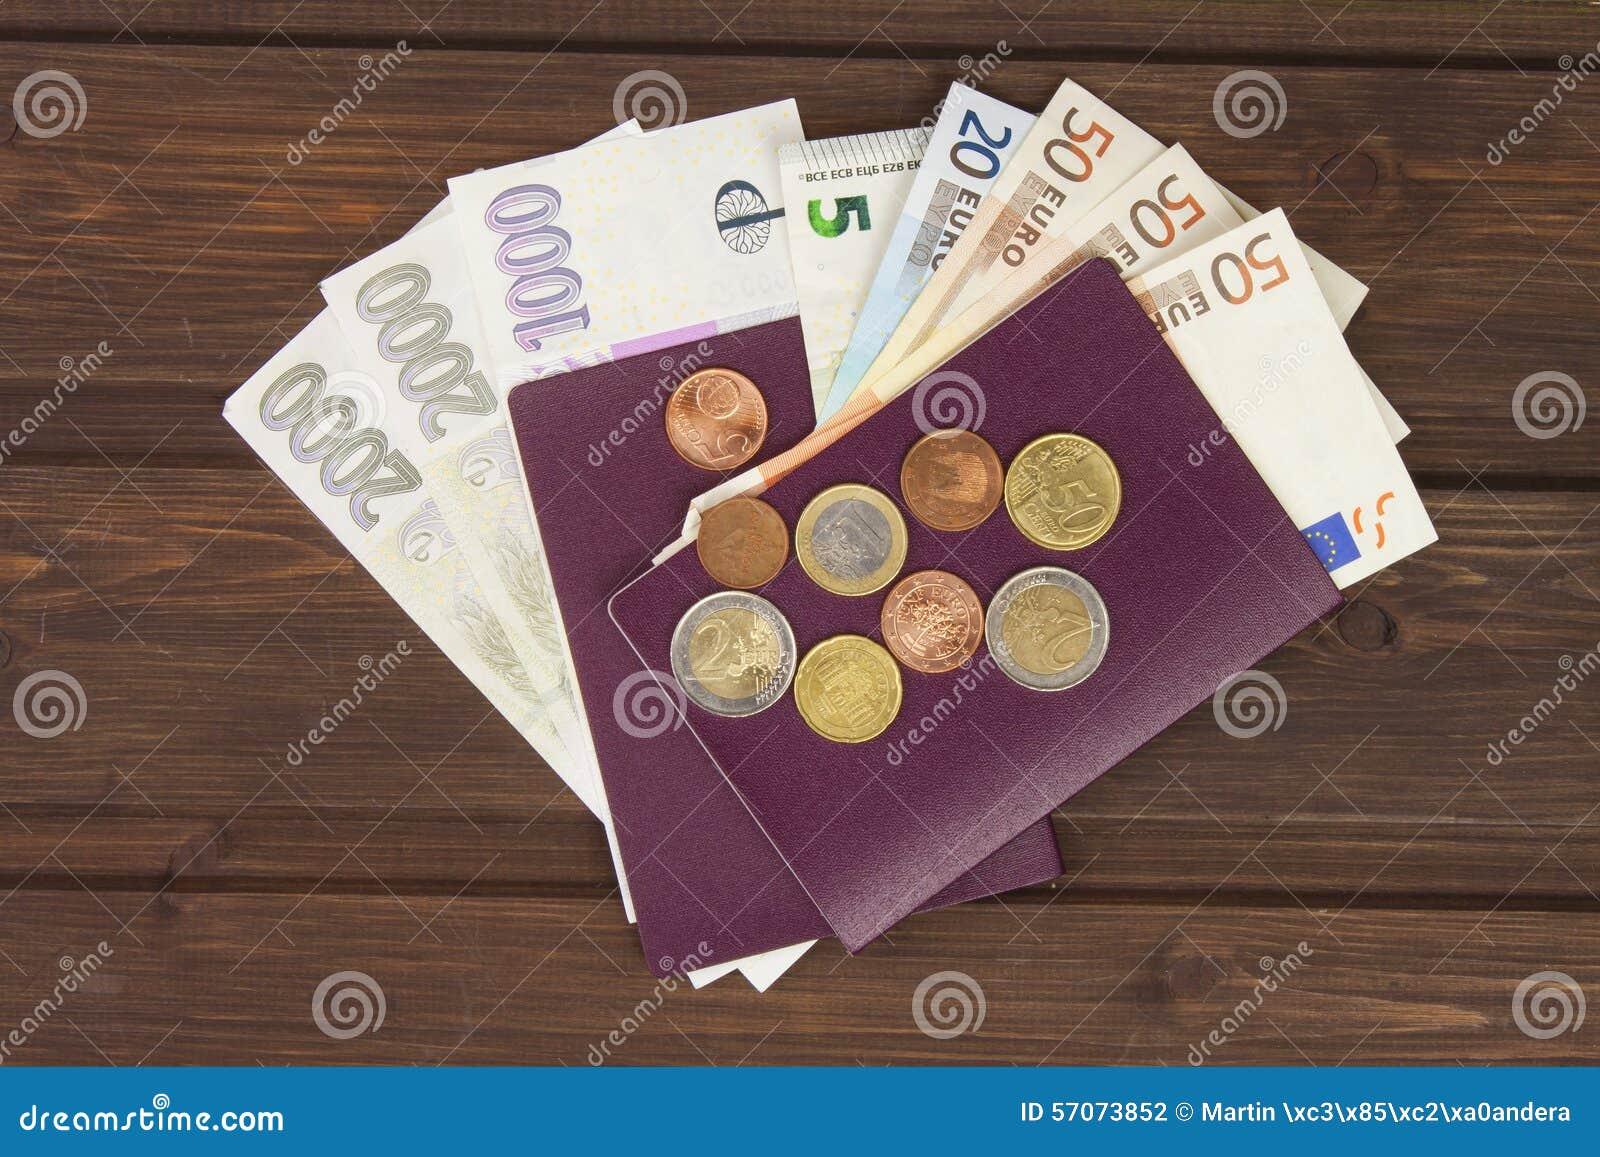 Pasaporte y dinero en la tabla de madera Billetes de banco, monedas válidas y billetes de banco EURO checos Migración ilegal para